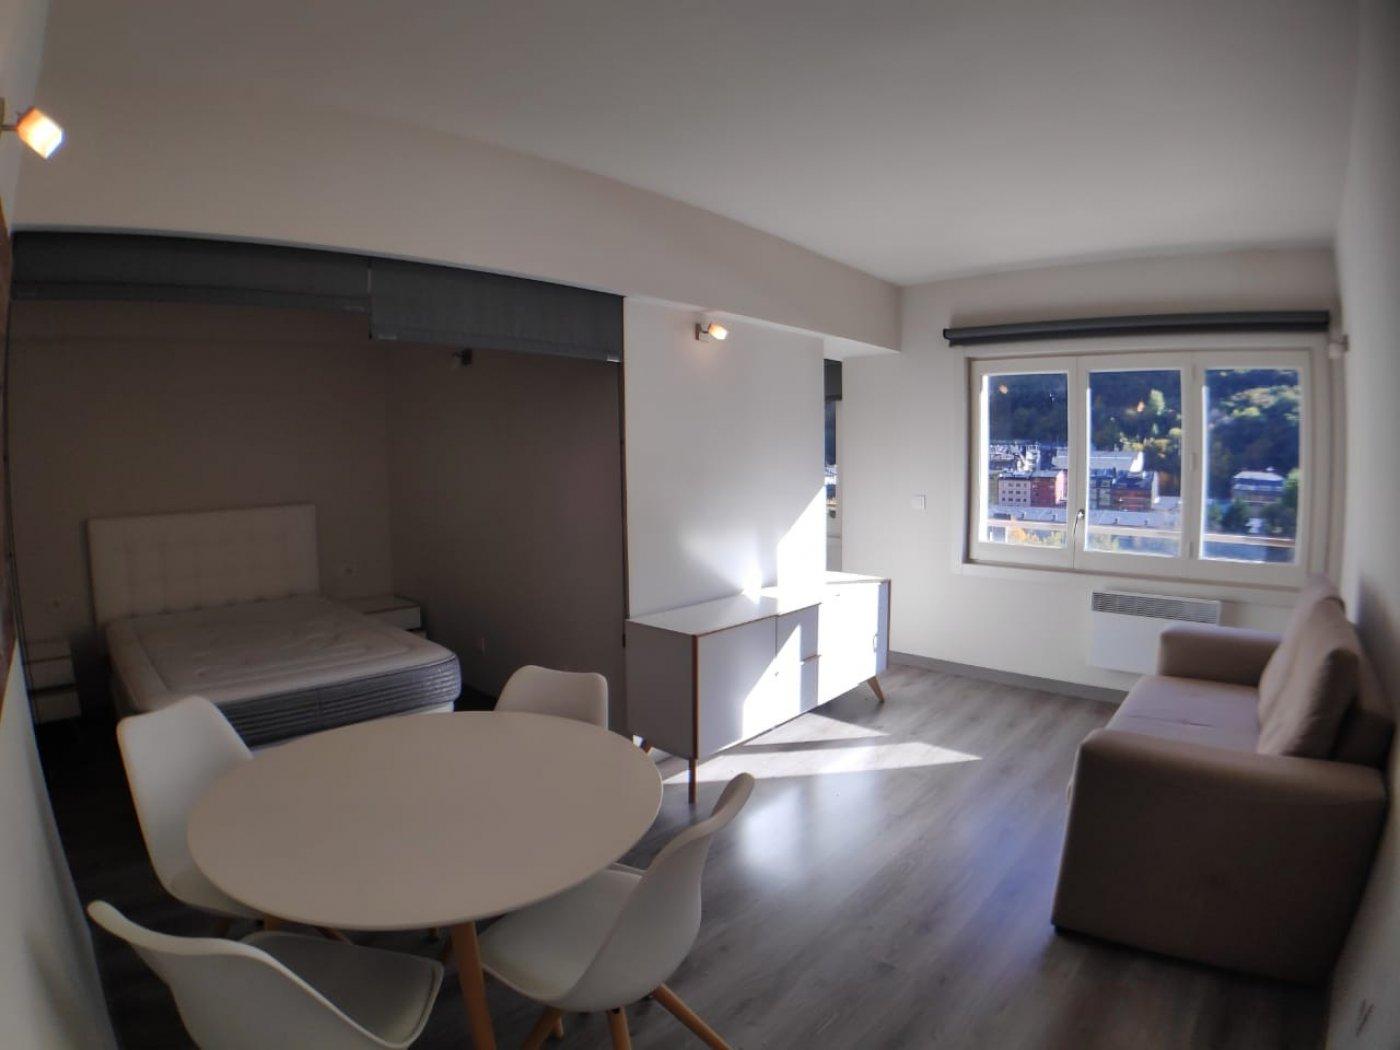 Estudi moblta i lluminós al centre d'Andorra la Vella